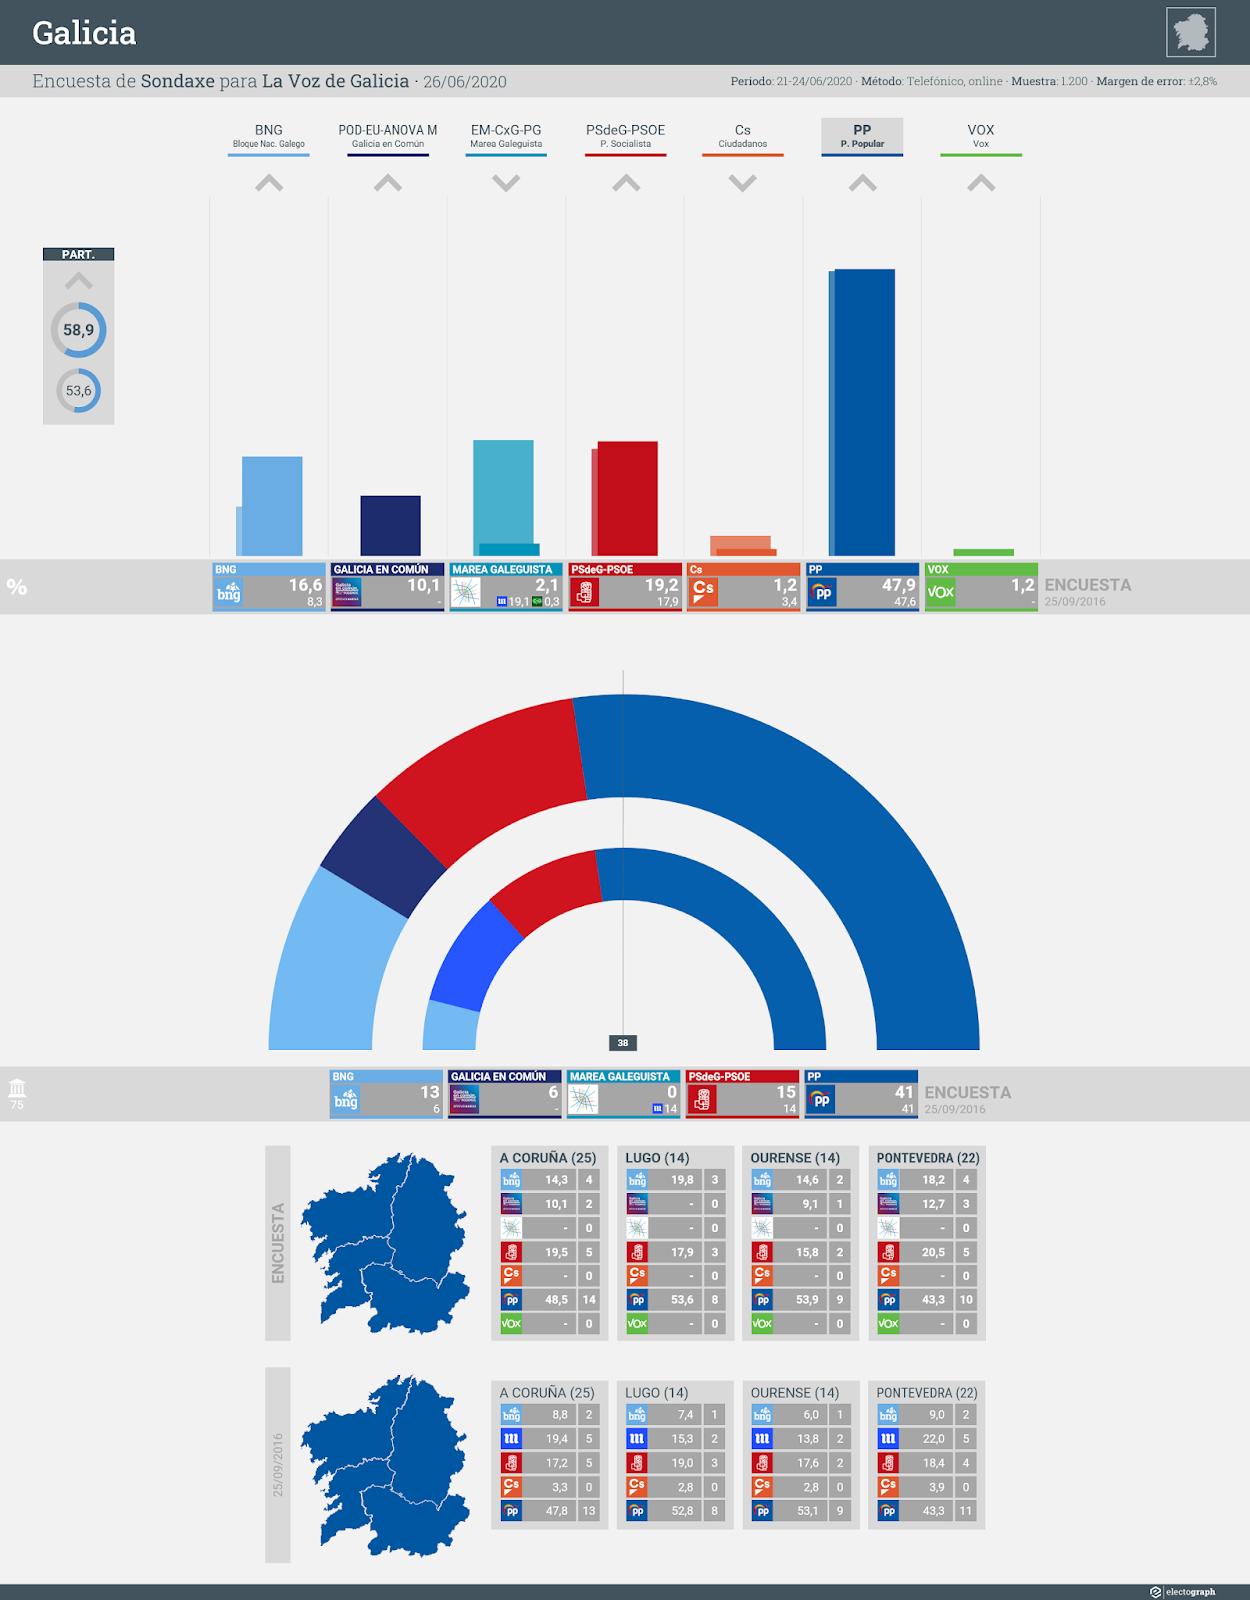 Gráfico de la encuesta para elecciones autonómicas en Galicia realizada por Sondaxe para La Voz de Galicia, 26 de junio de 2020